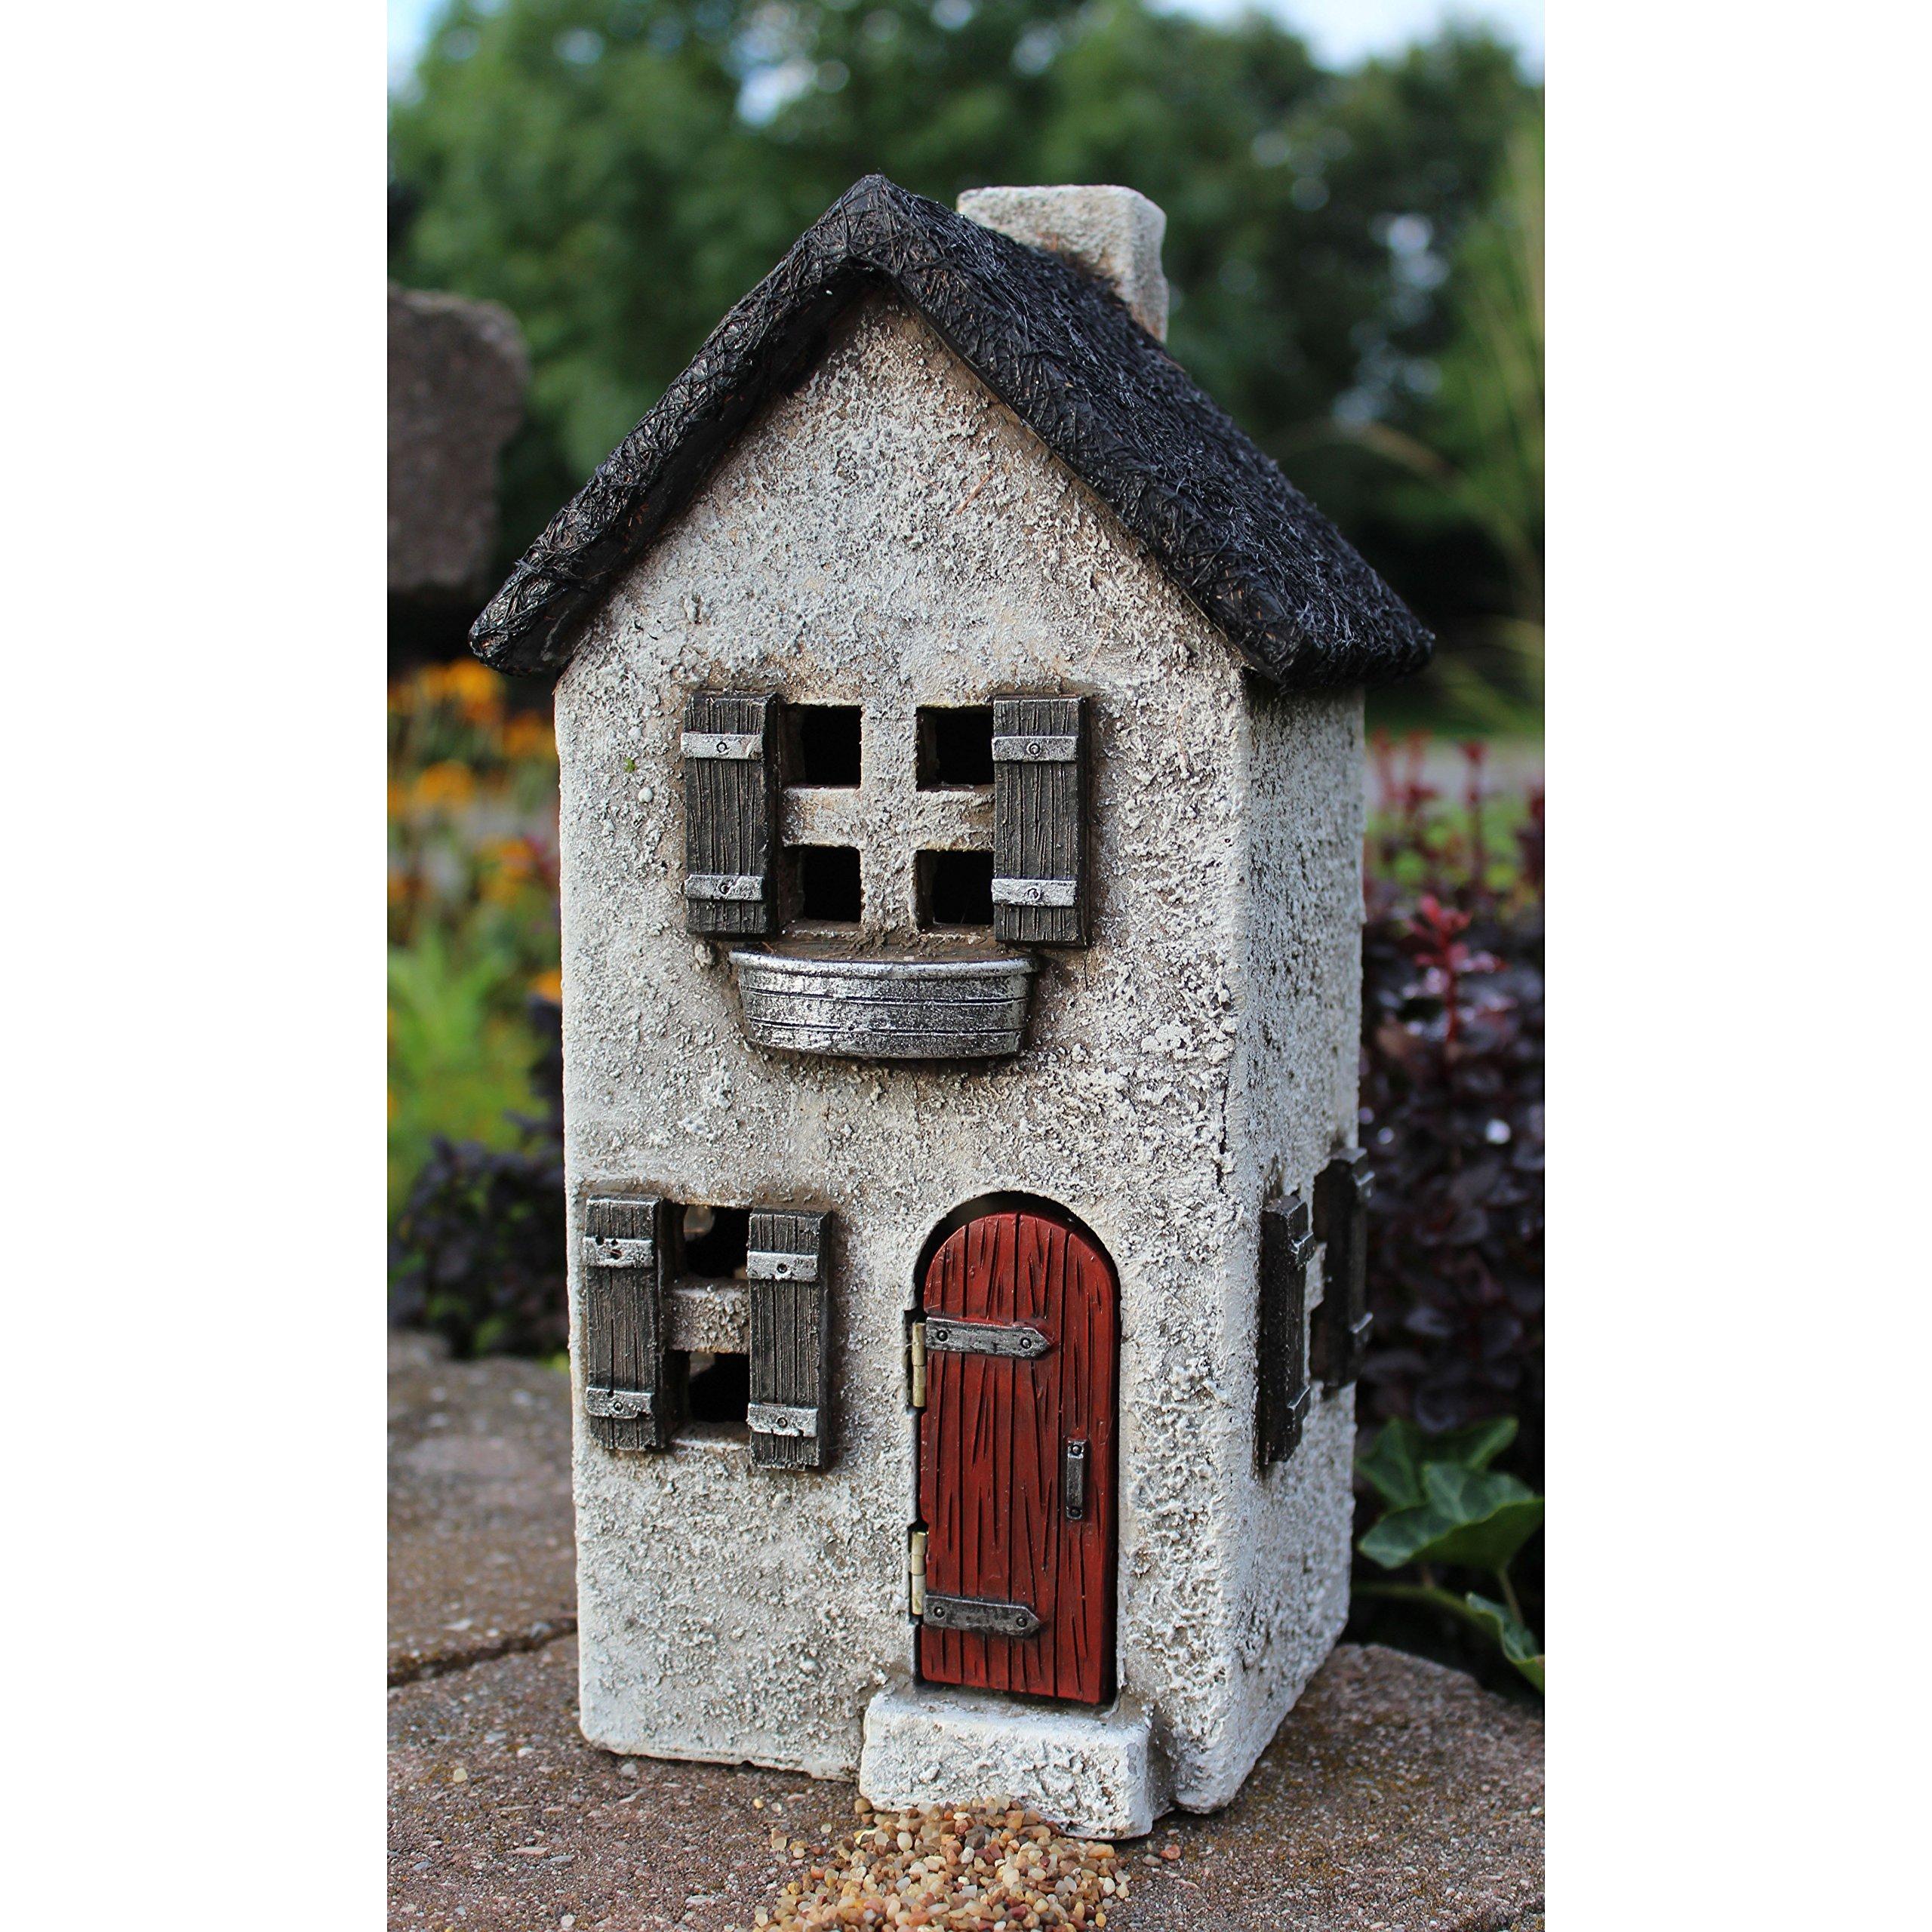 Parker Hypertufa Fairy House